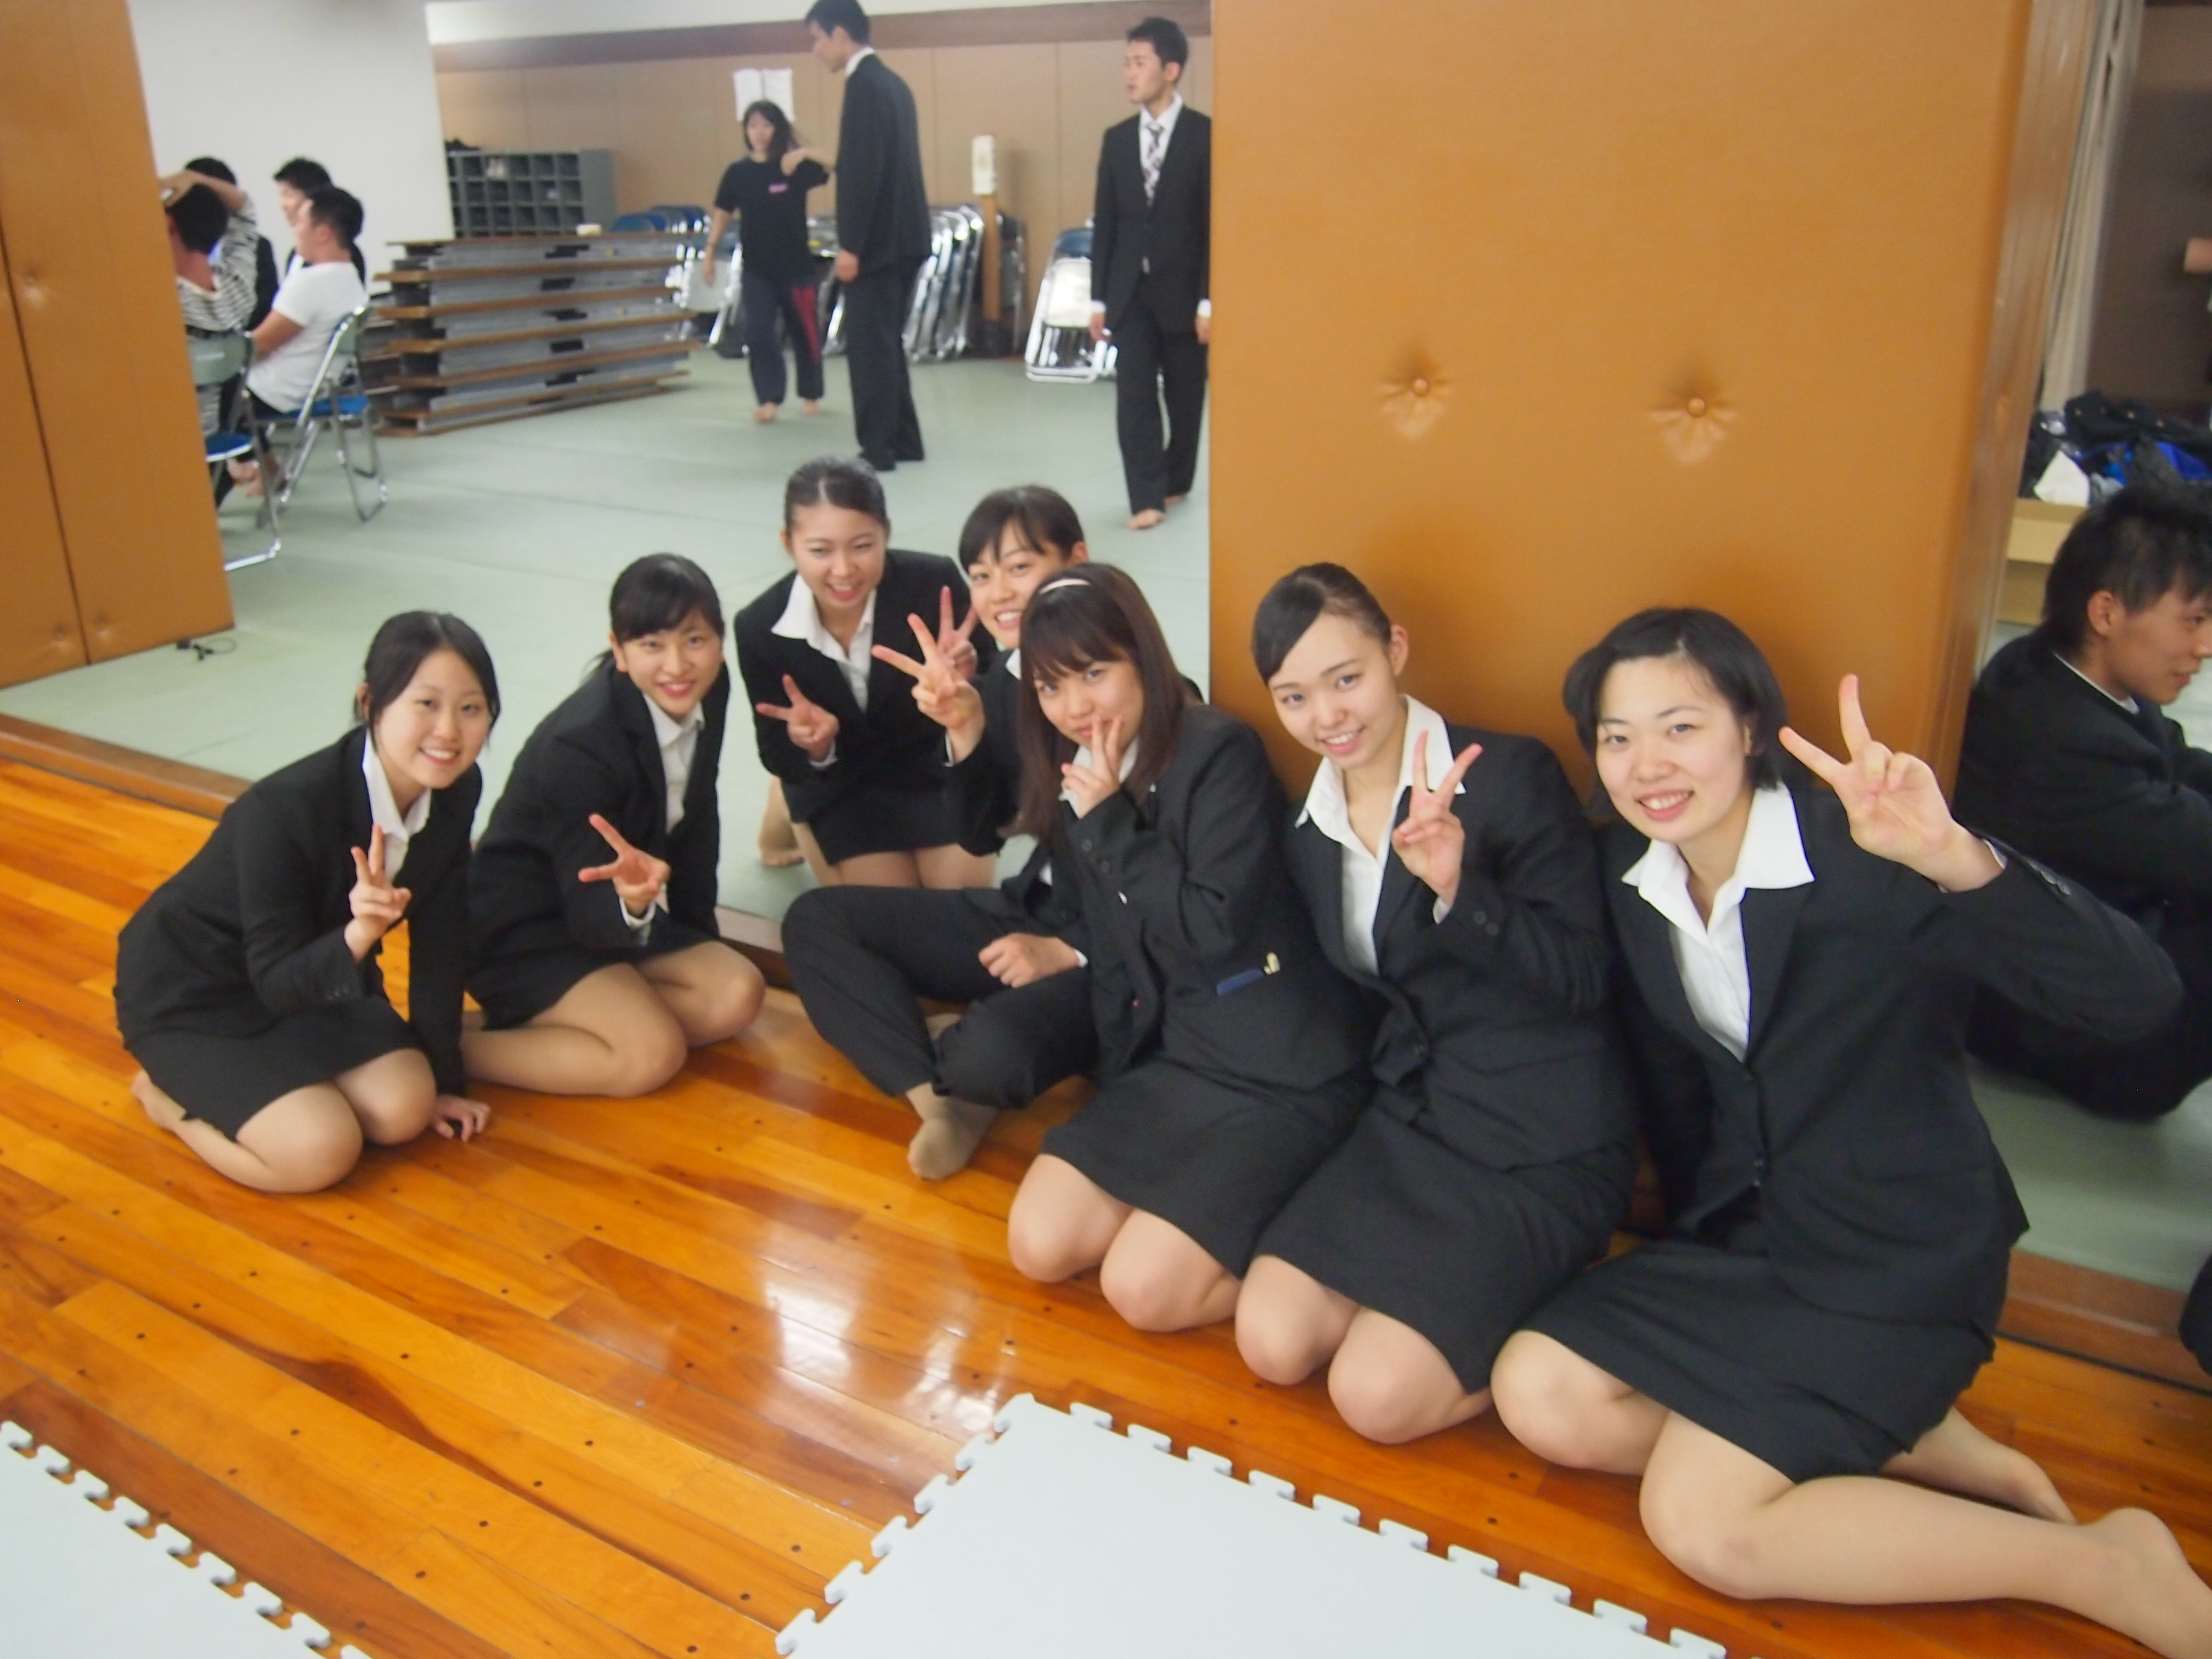 早慶戦@早大空手道場_2013.11.10